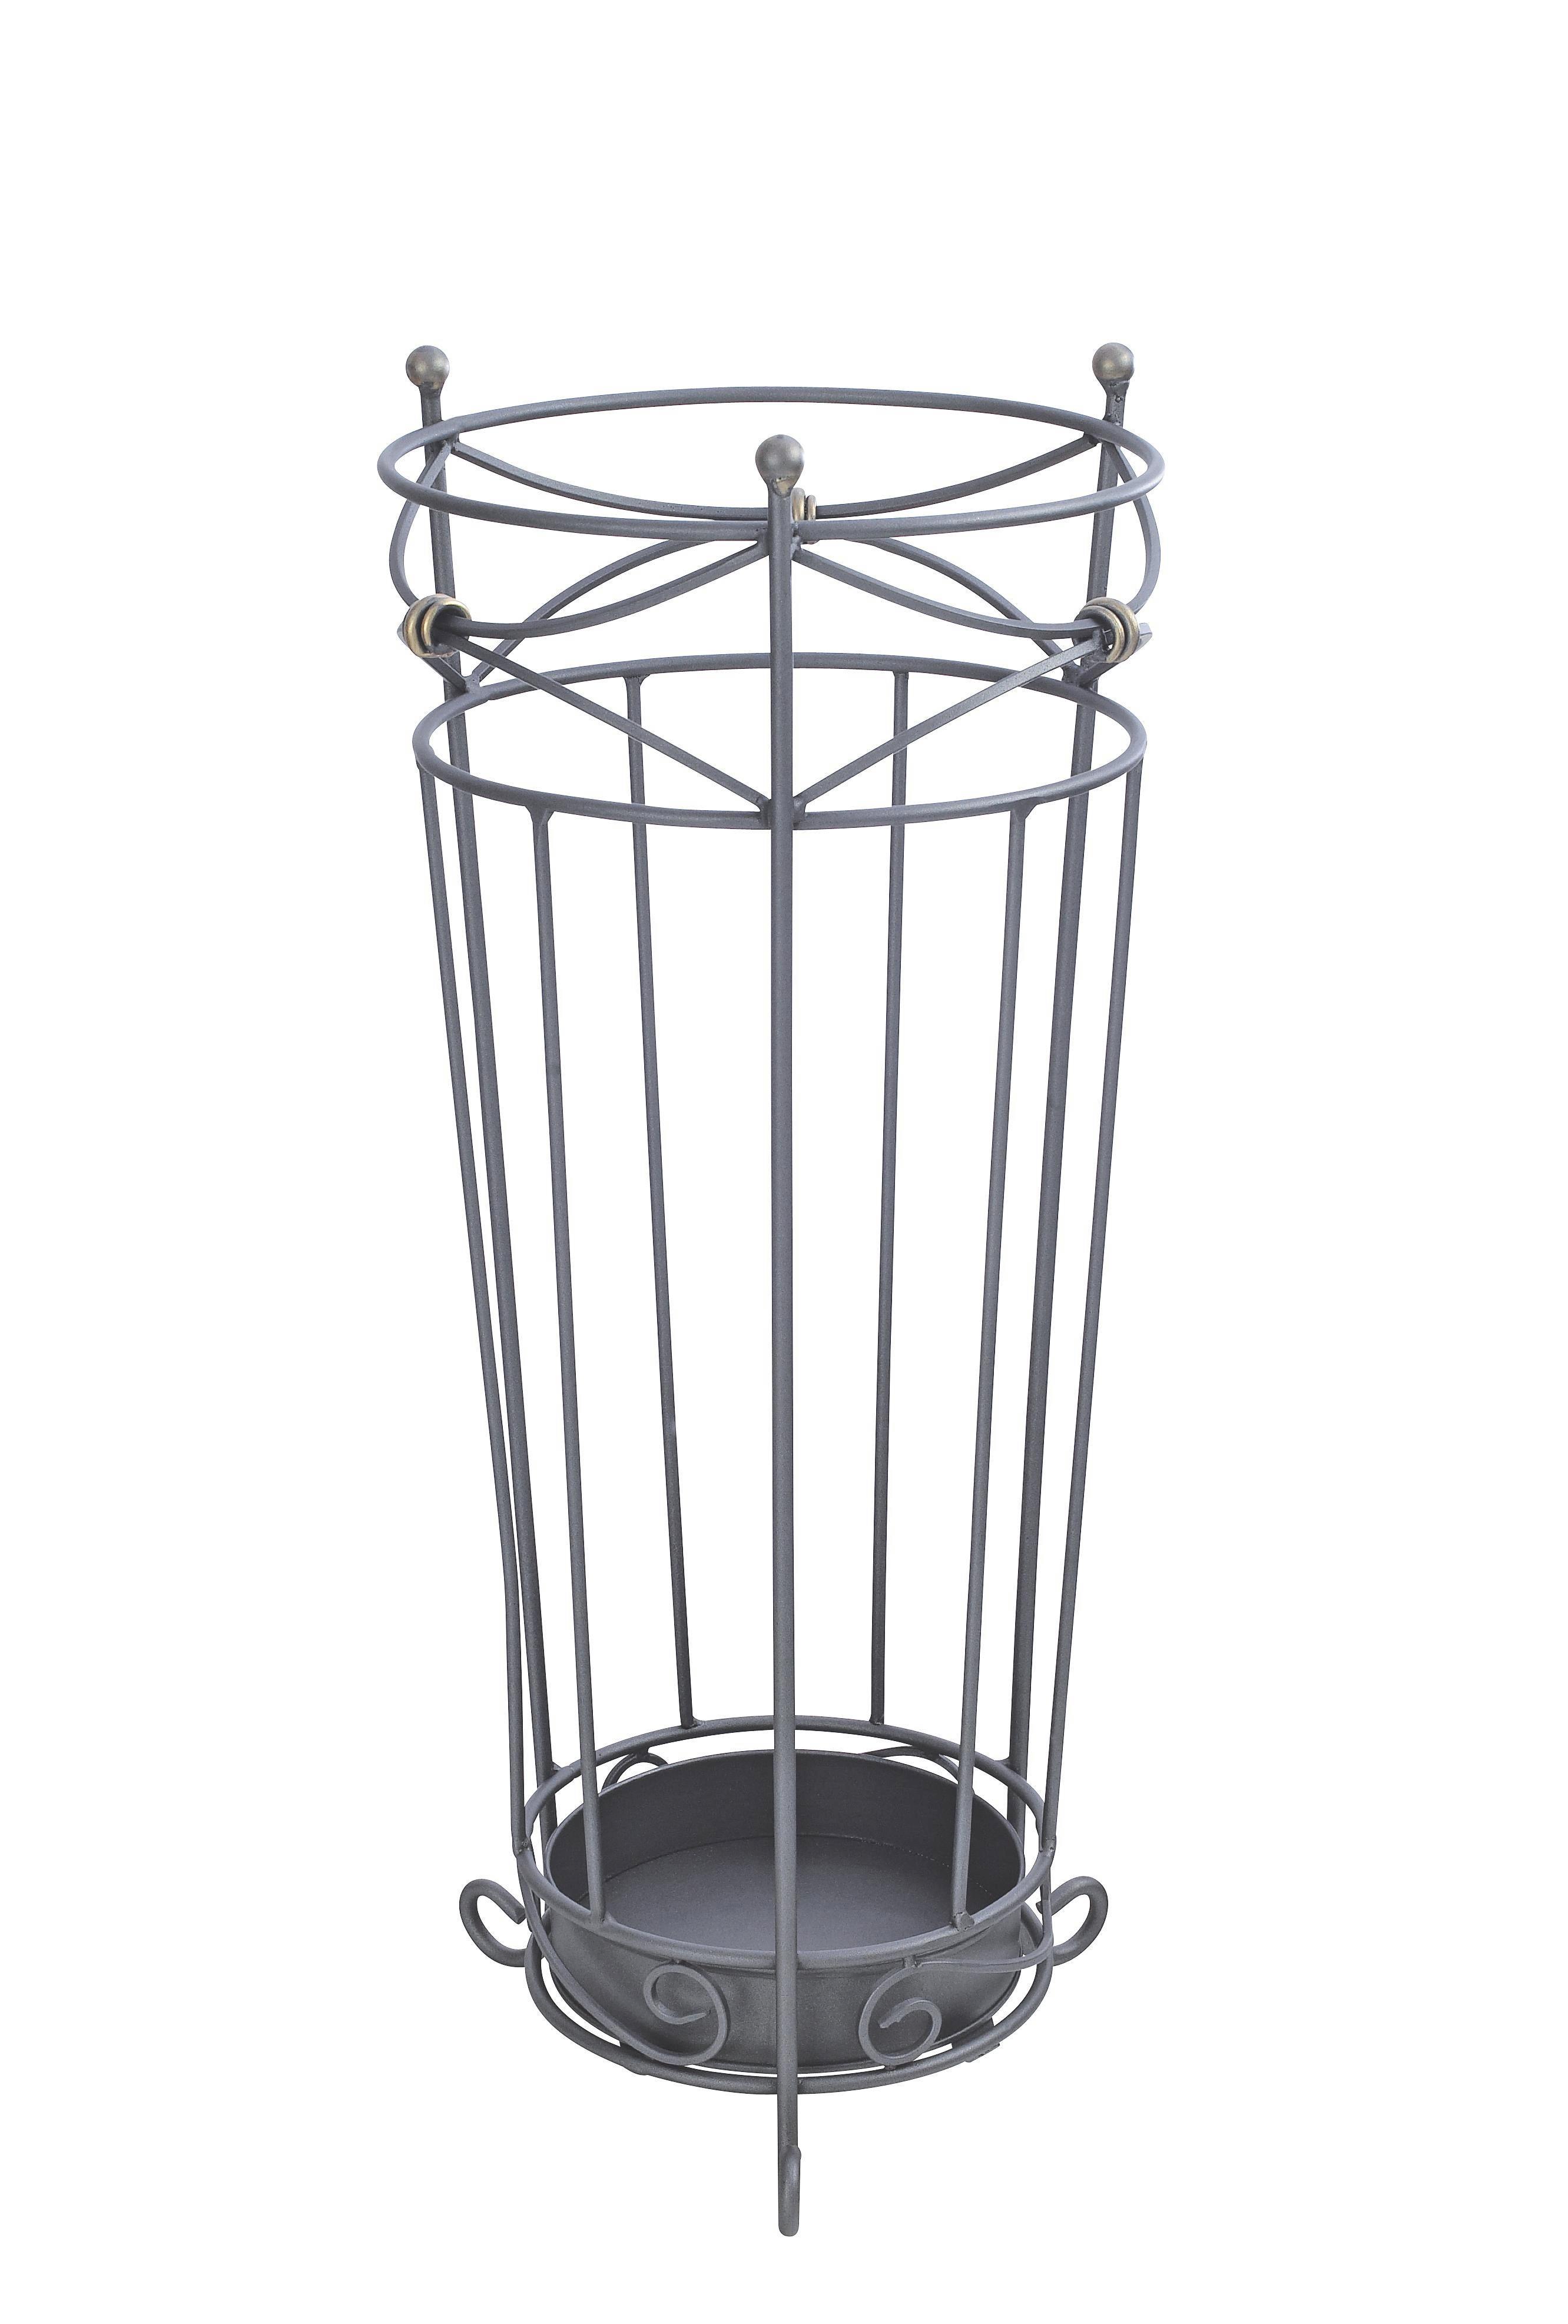 SCHIRMSTÄNDER Metall Anthrazit - Anthrazit, KONVENTIONELL, Metall (24/55cm)